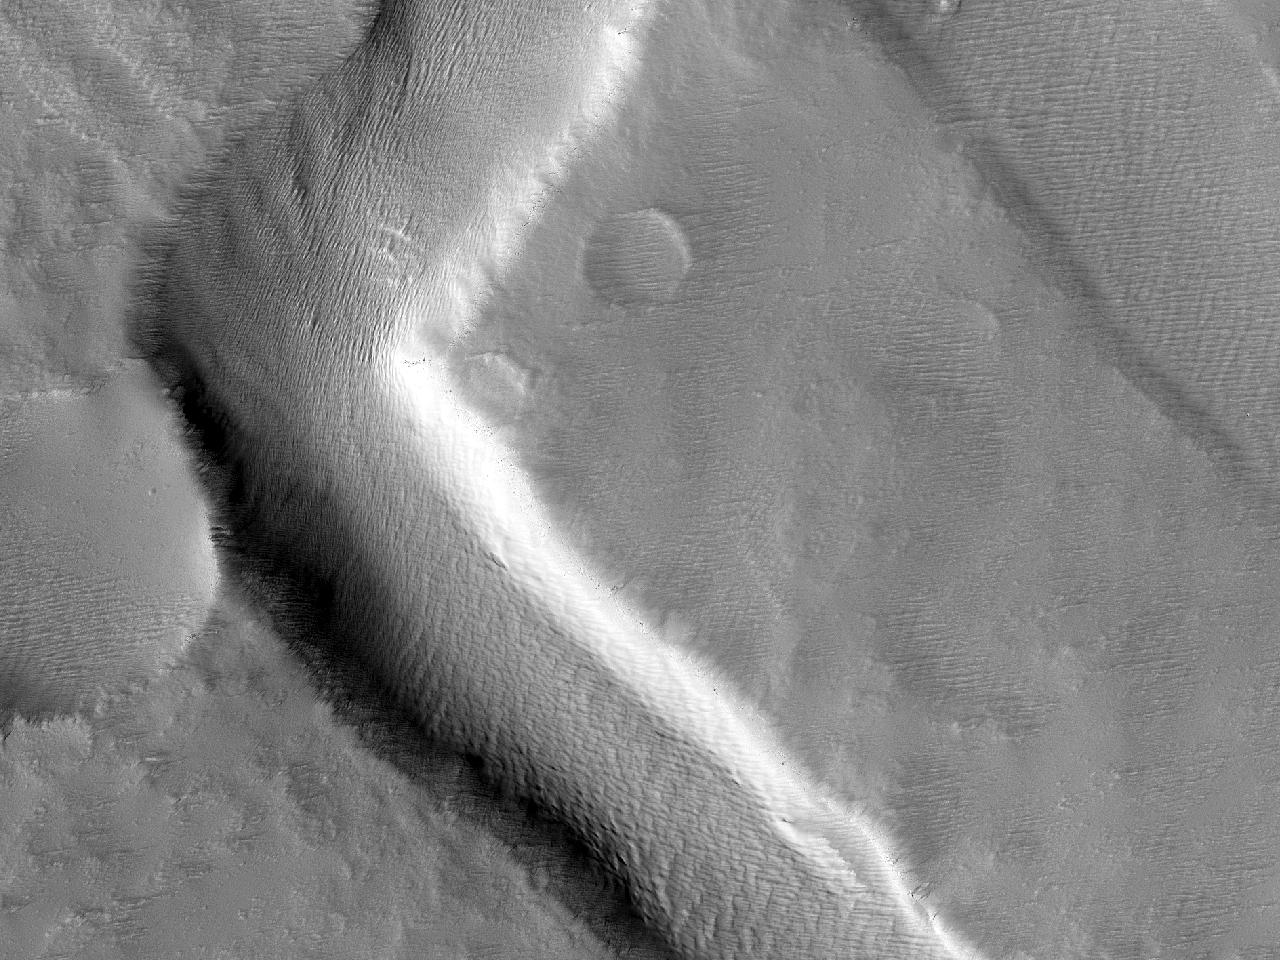 Прямоугольный изгиб русла на горе Pavonis Mons